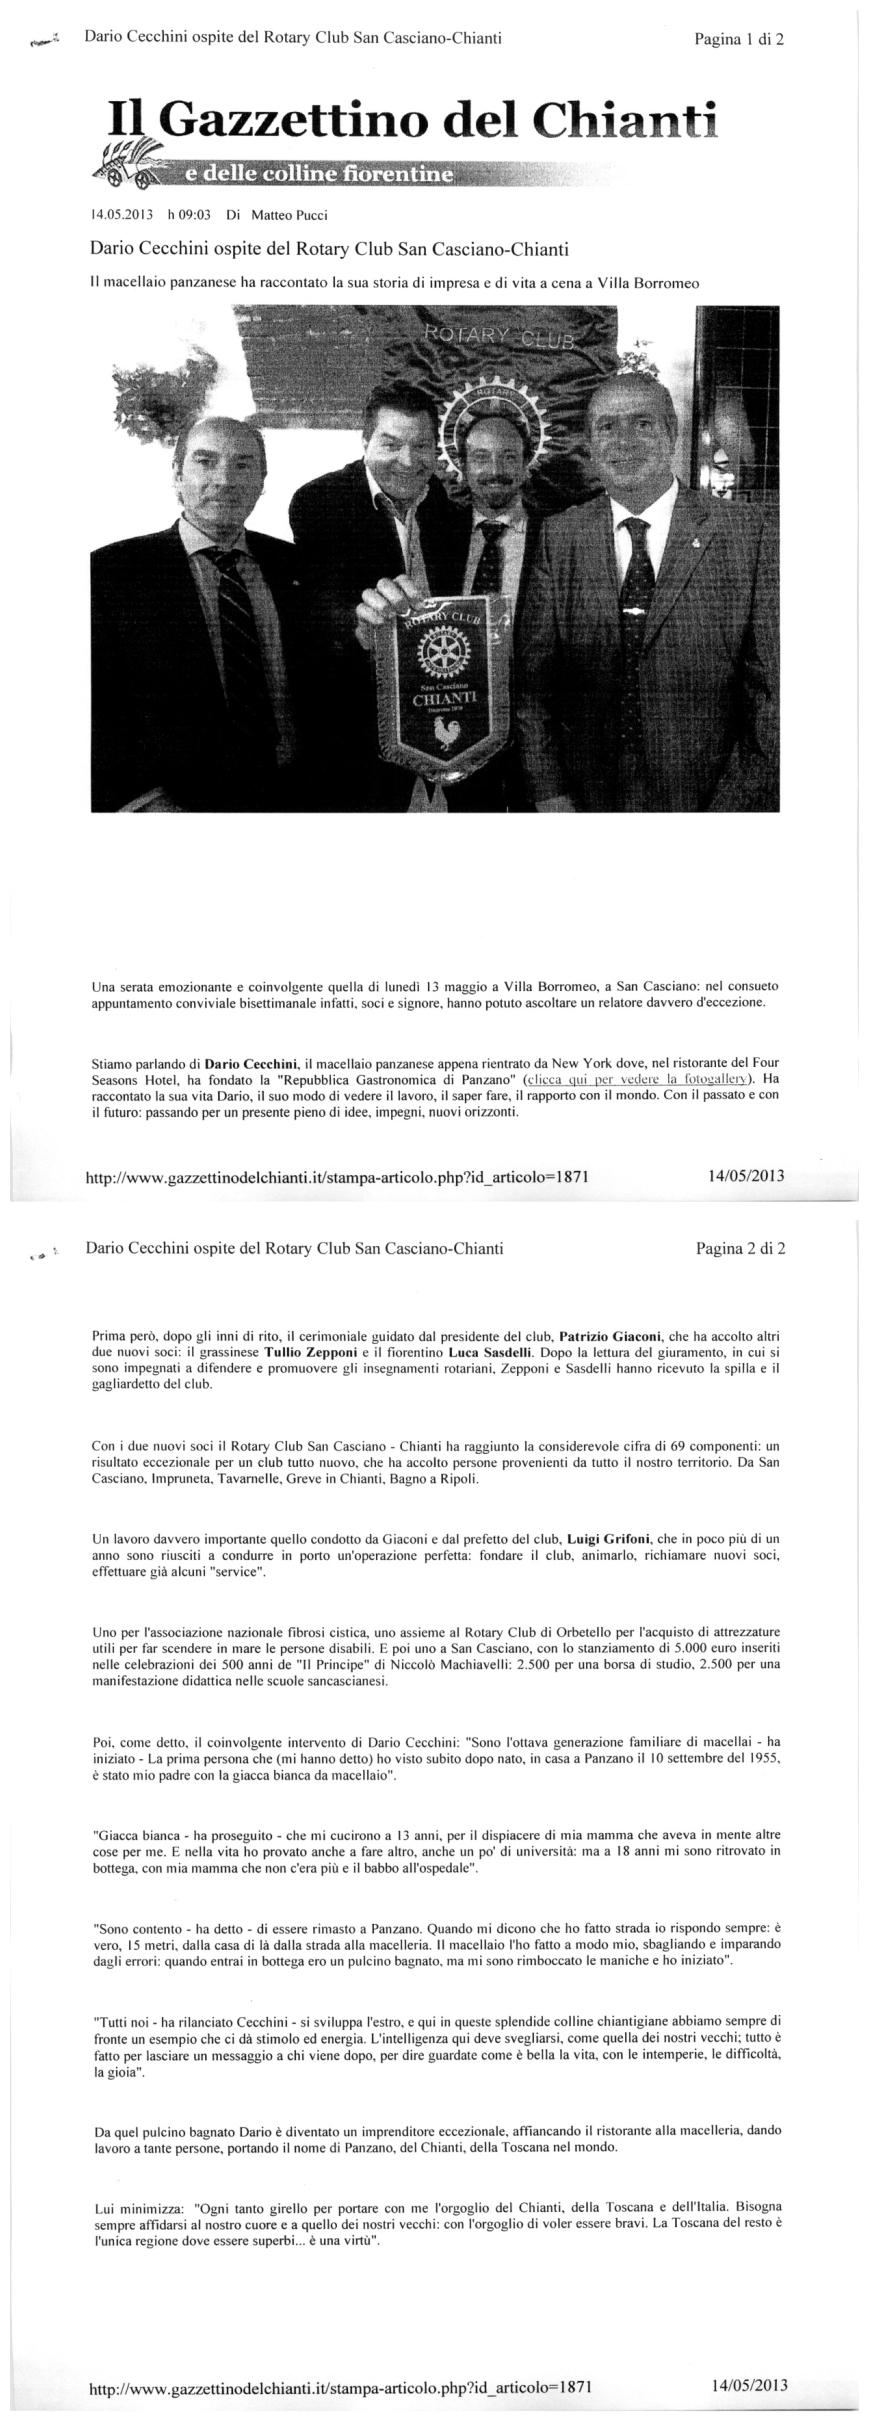 Gazzettino_14 Maggio 2013